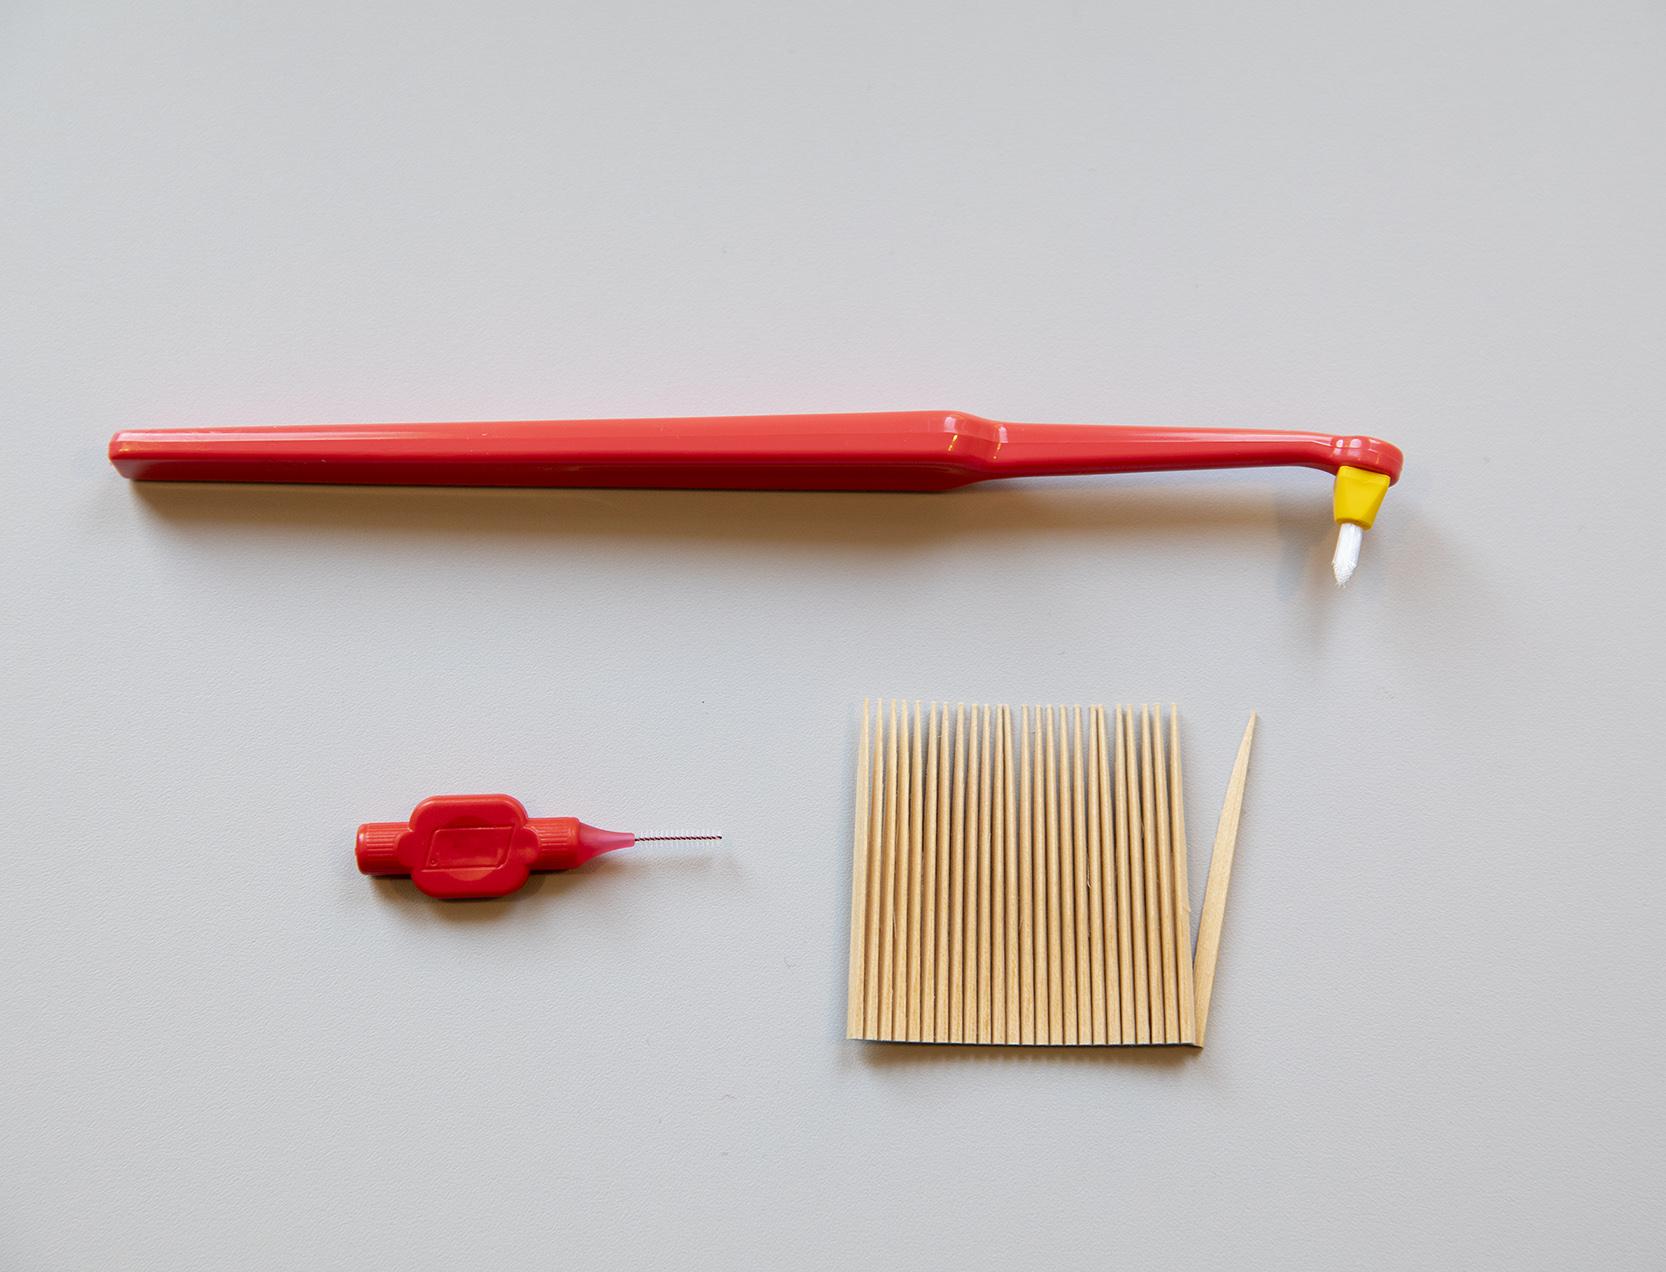 Vinkelborste, en mellanrumsborste och tandstickor. Fotografi